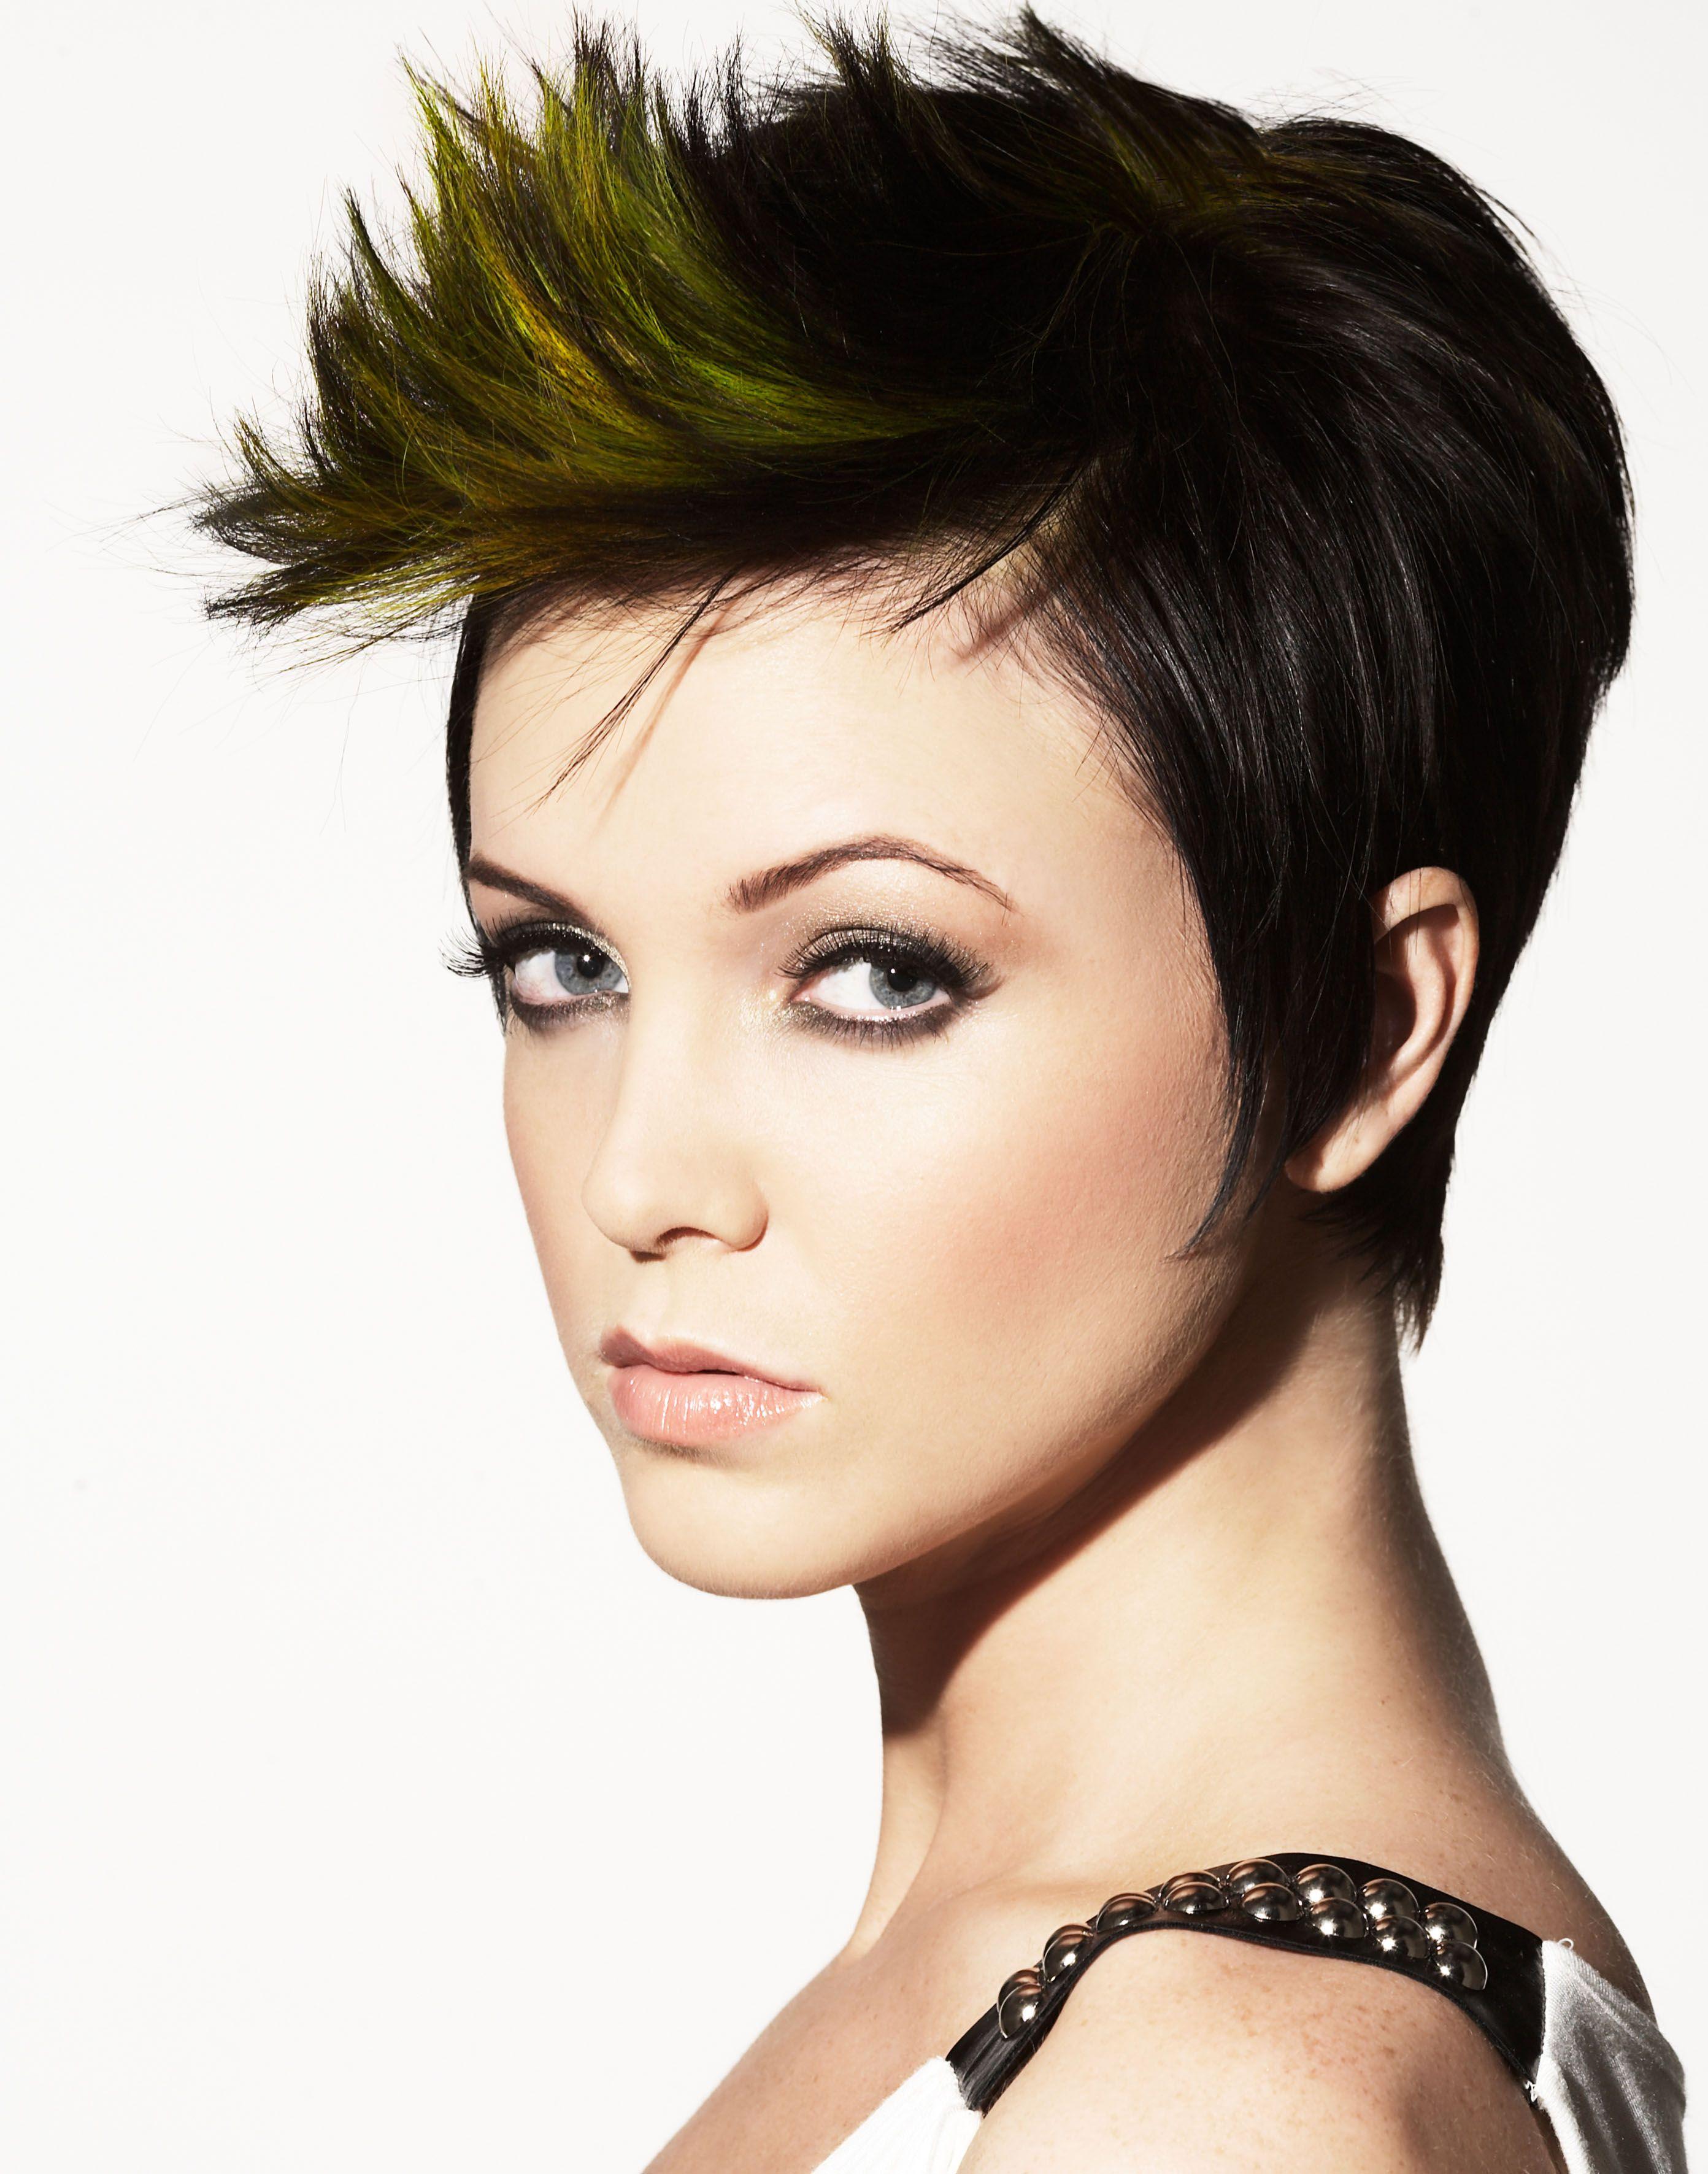 shorthair #paulmitchell | hair style | short hair styles